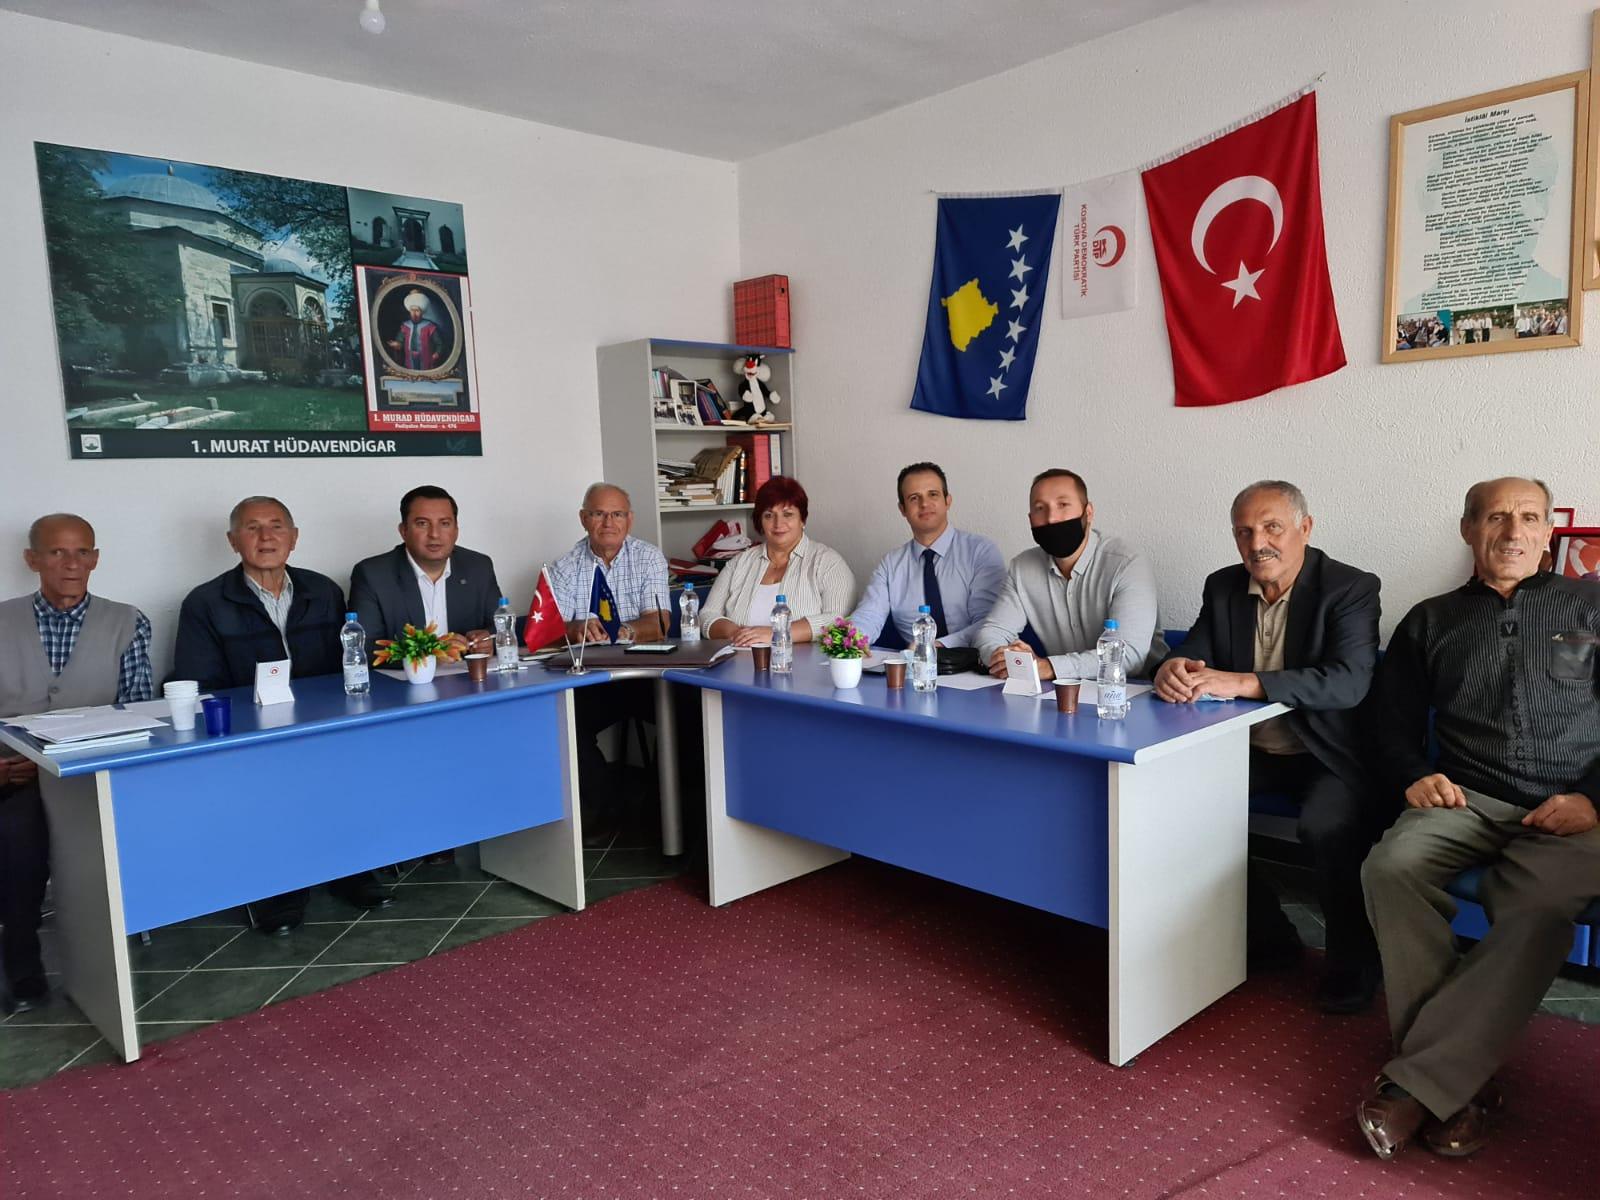 KOSOVA DEMOKRATİK TÜRK PARTİSİ MERKEZ HEYETTEN YANOVA ŞUBESİNE ZİYARET